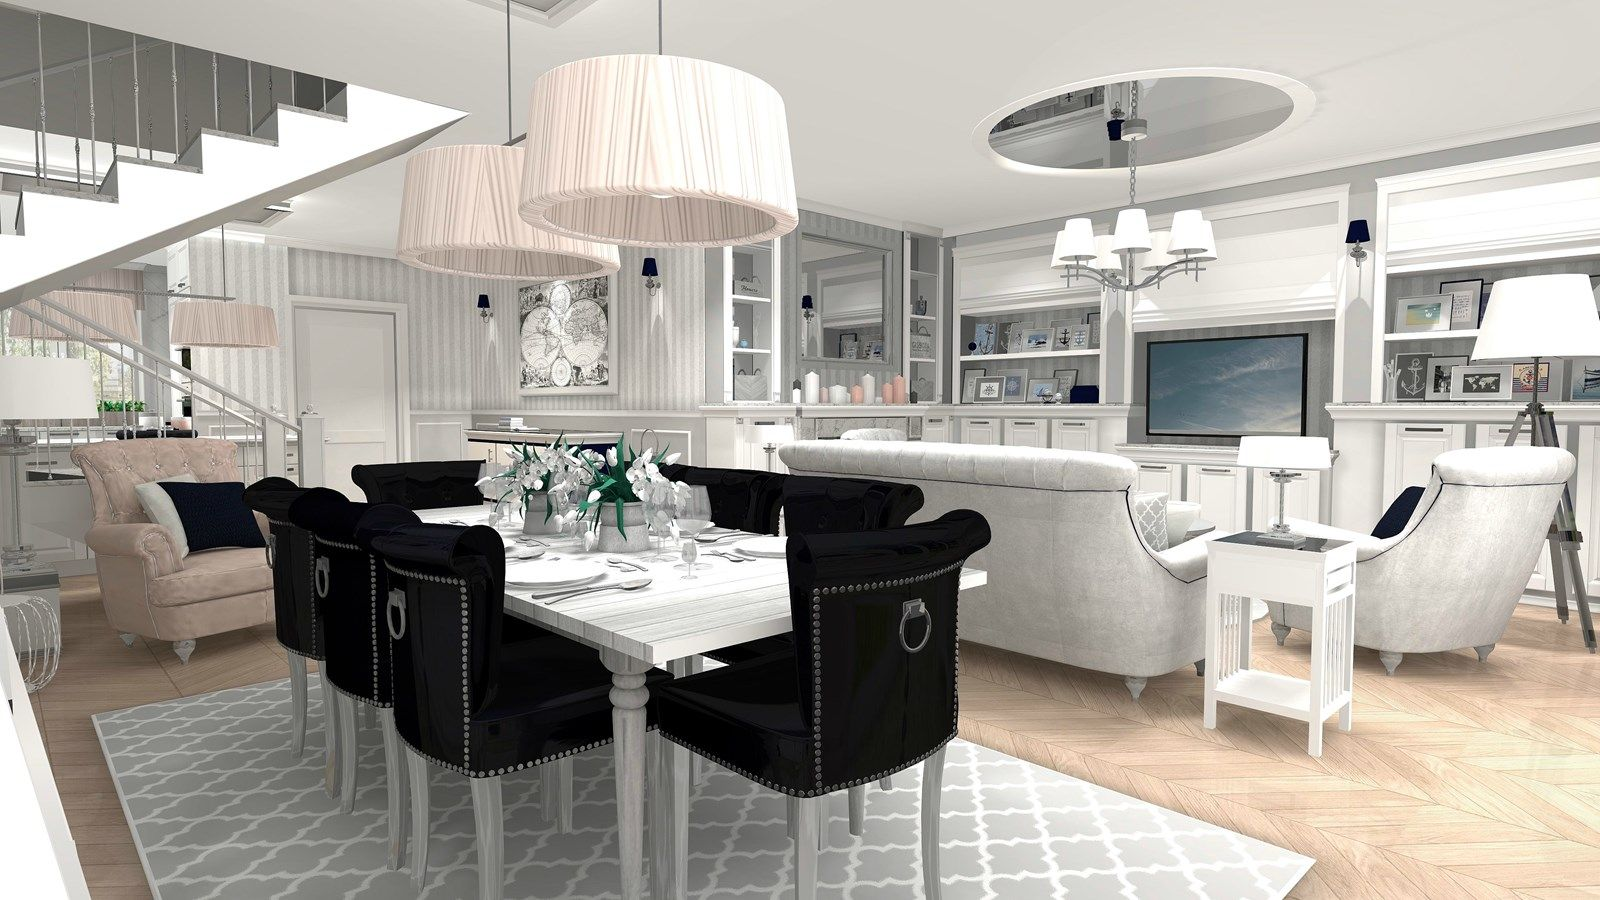 Wystroj Wnetrz Salon Styl Glamour Projekty I Aranzacje Najlepszych Designerow Prawdziwe Inspiracje Dla Kazdego Dla Kogo Liczy S Home Decor Interior Home